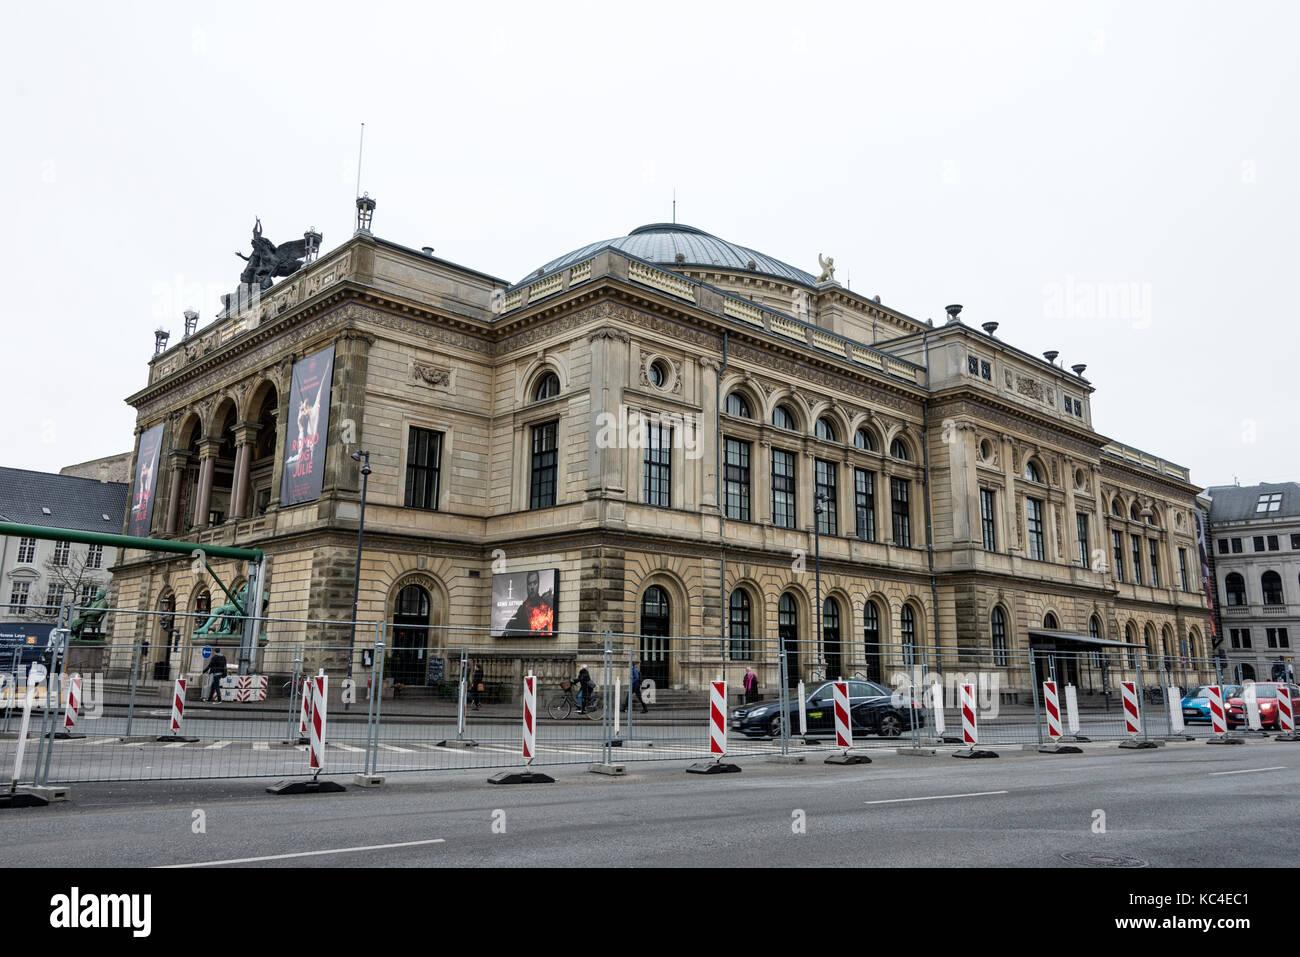 The Royal Danish Theatre on Kongens Nytorv , Copenhagen, Denmark - Stock Image